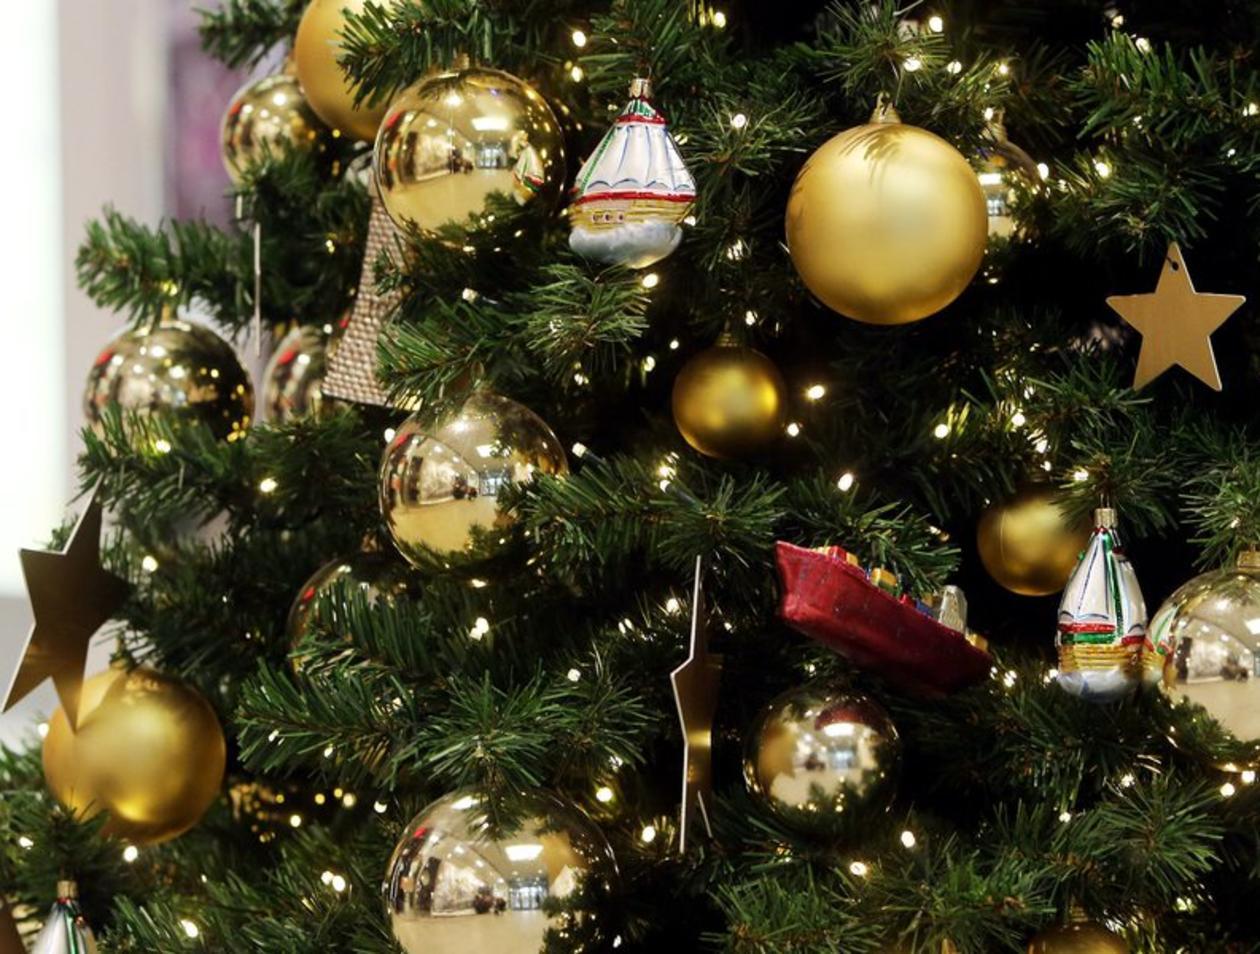 Ndr Weihnachtsbaum.Christbaum Fast 30 Millionen Weihnachtsbäume Verkauft 100 000